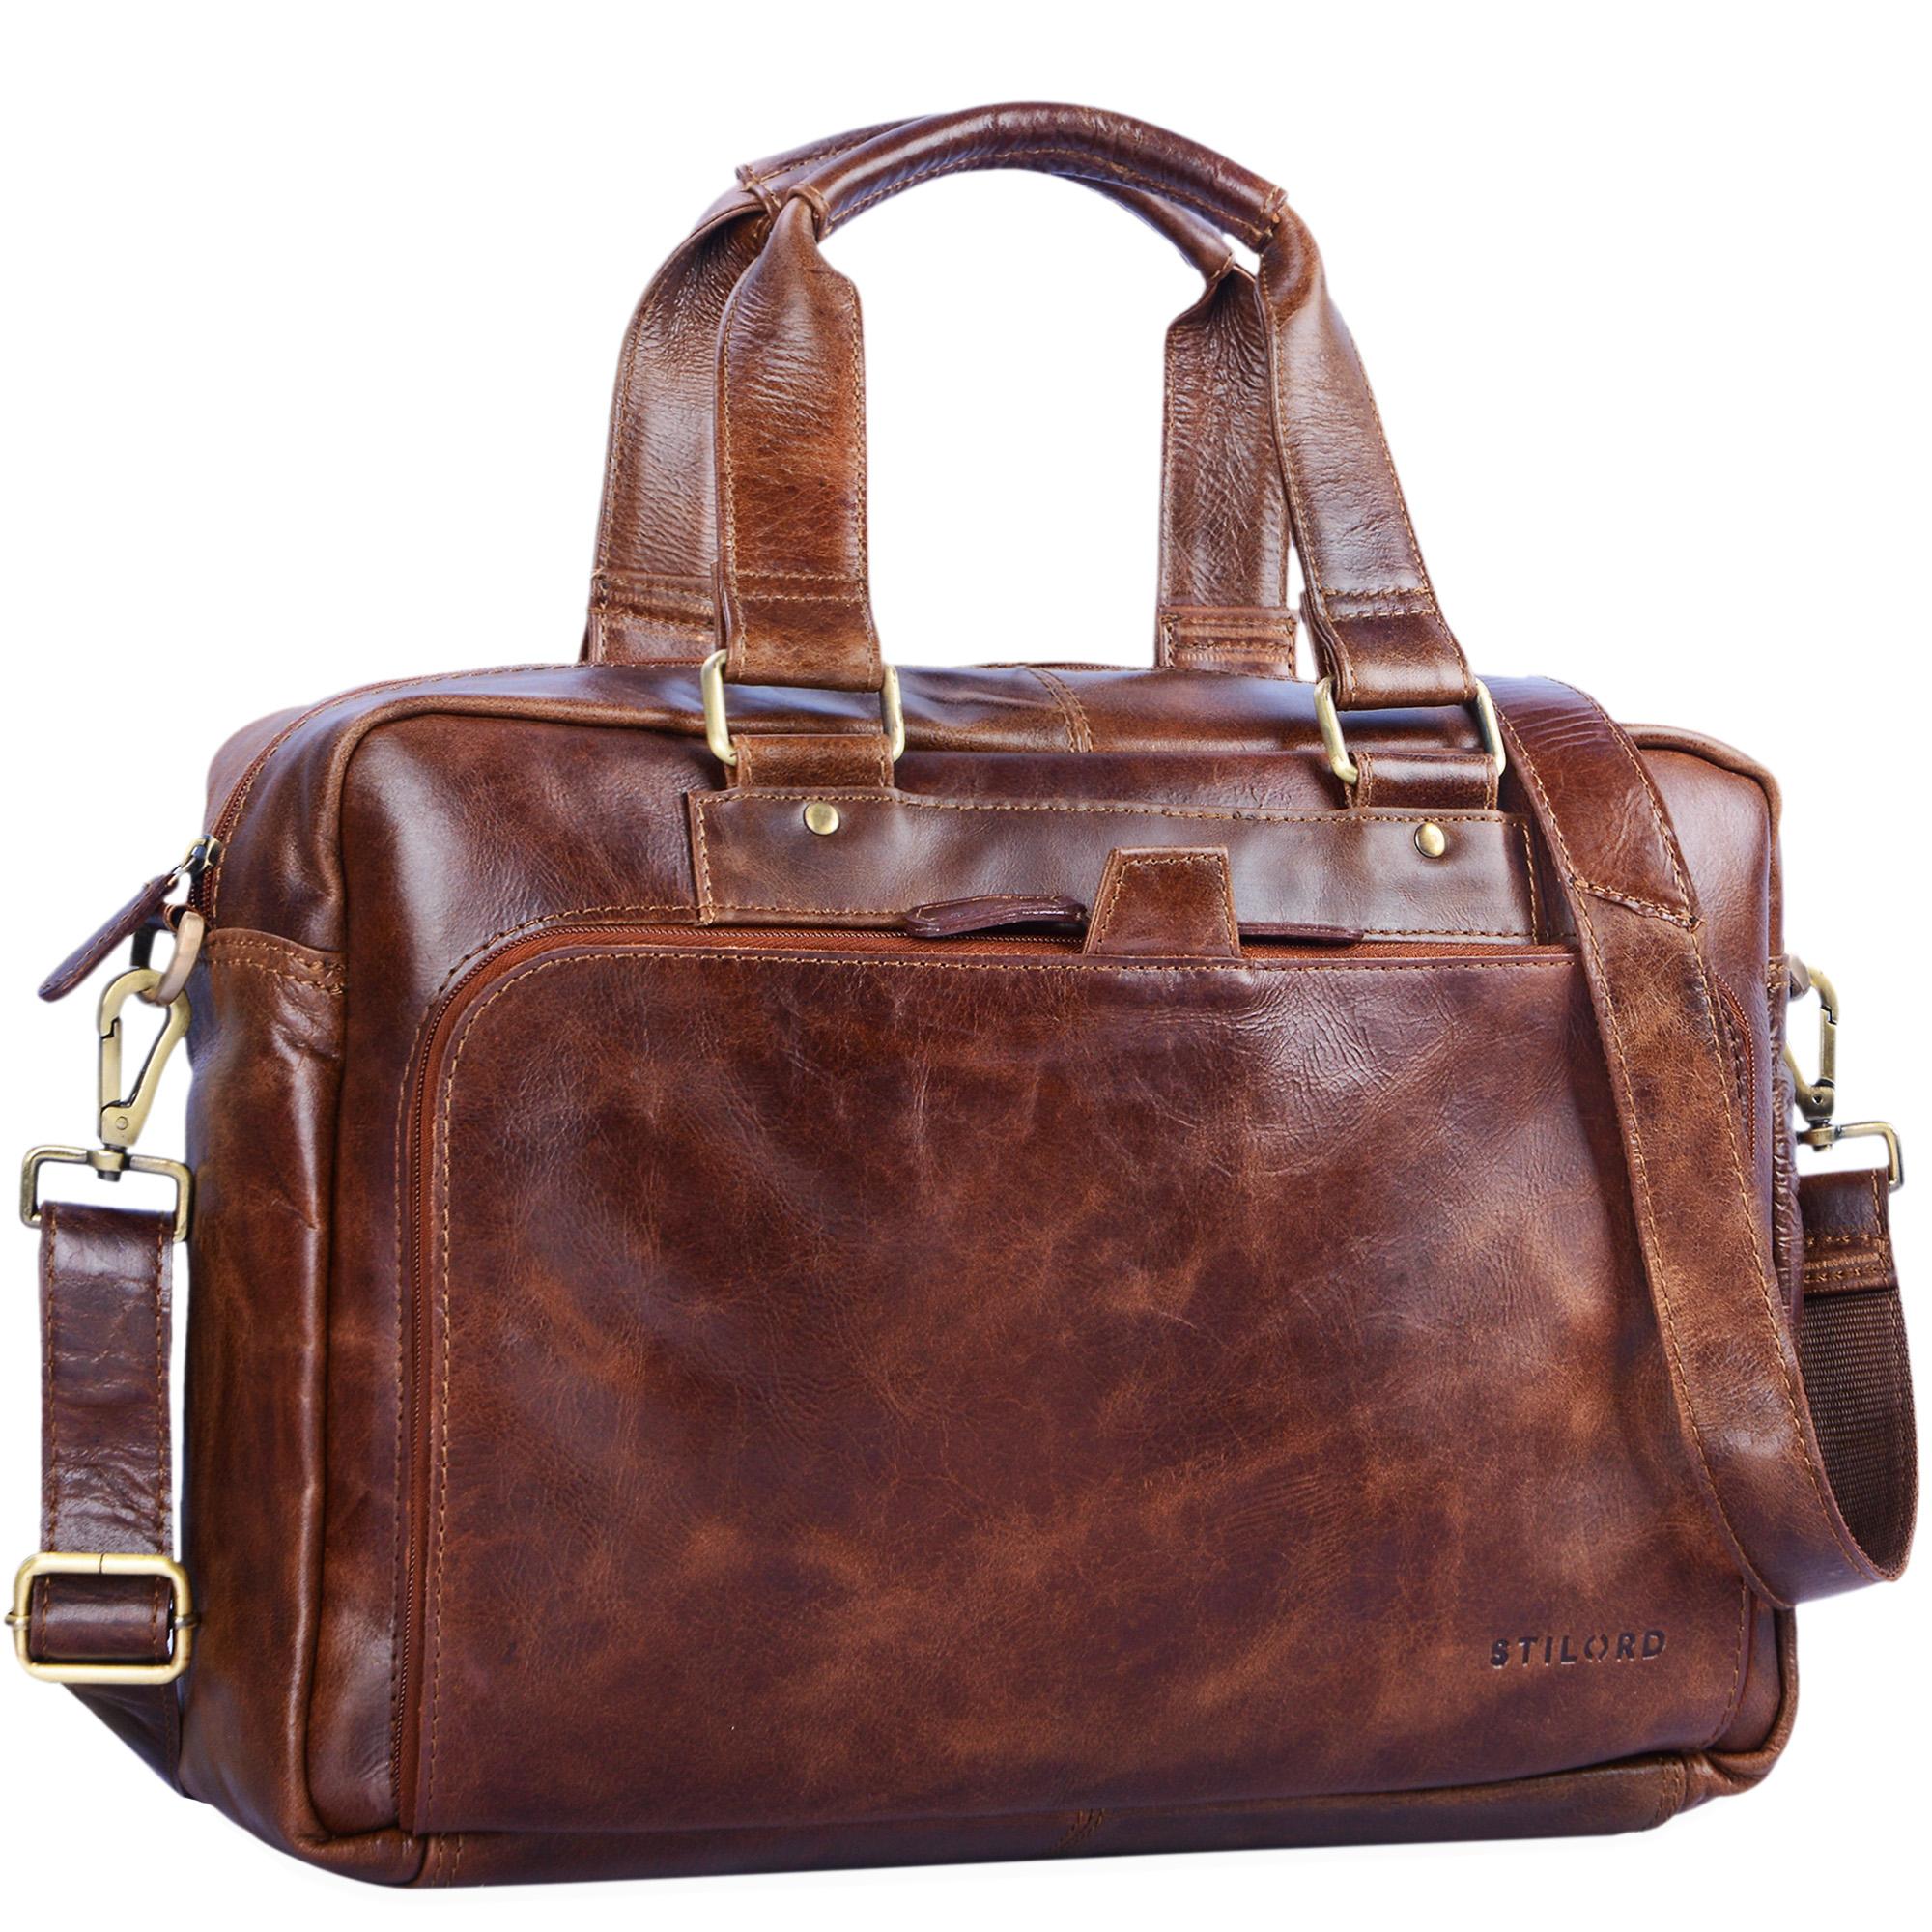 """STILORD """"Jon"""" Vintage Leder Umhängetasche Herren Damen Laptoptasche 15.6 Zoll für große DIN A4 Aktenordner Business Büro Arbeit Uni echtes Büffelleder - Bild 12"""